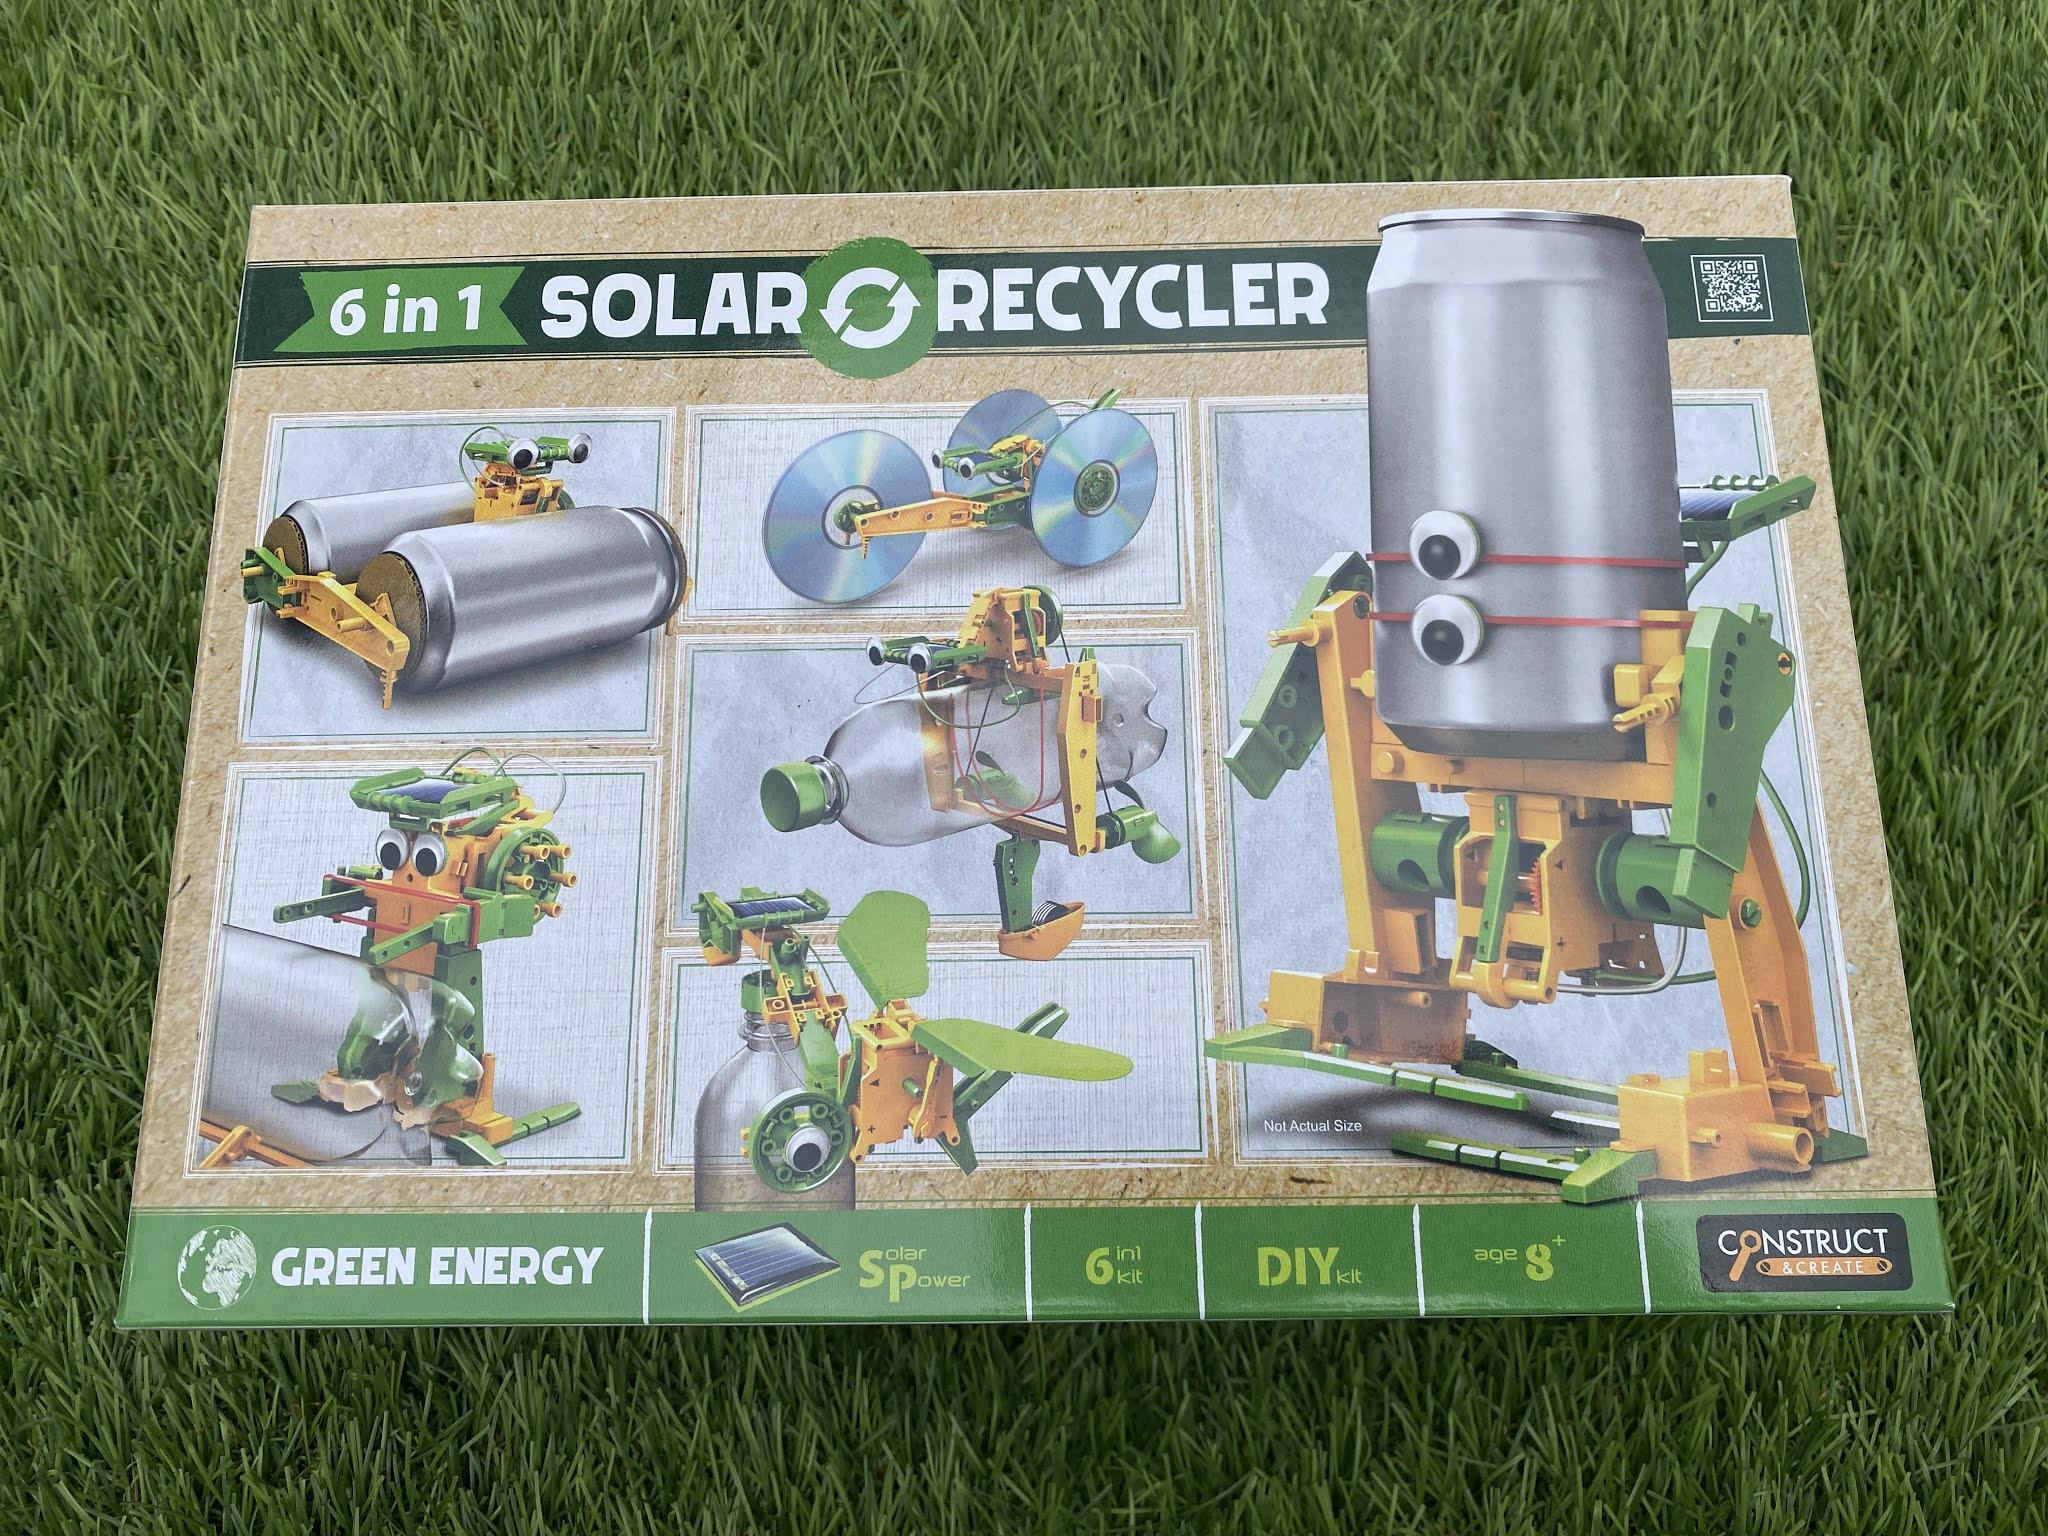 6 in 1 solar recycler